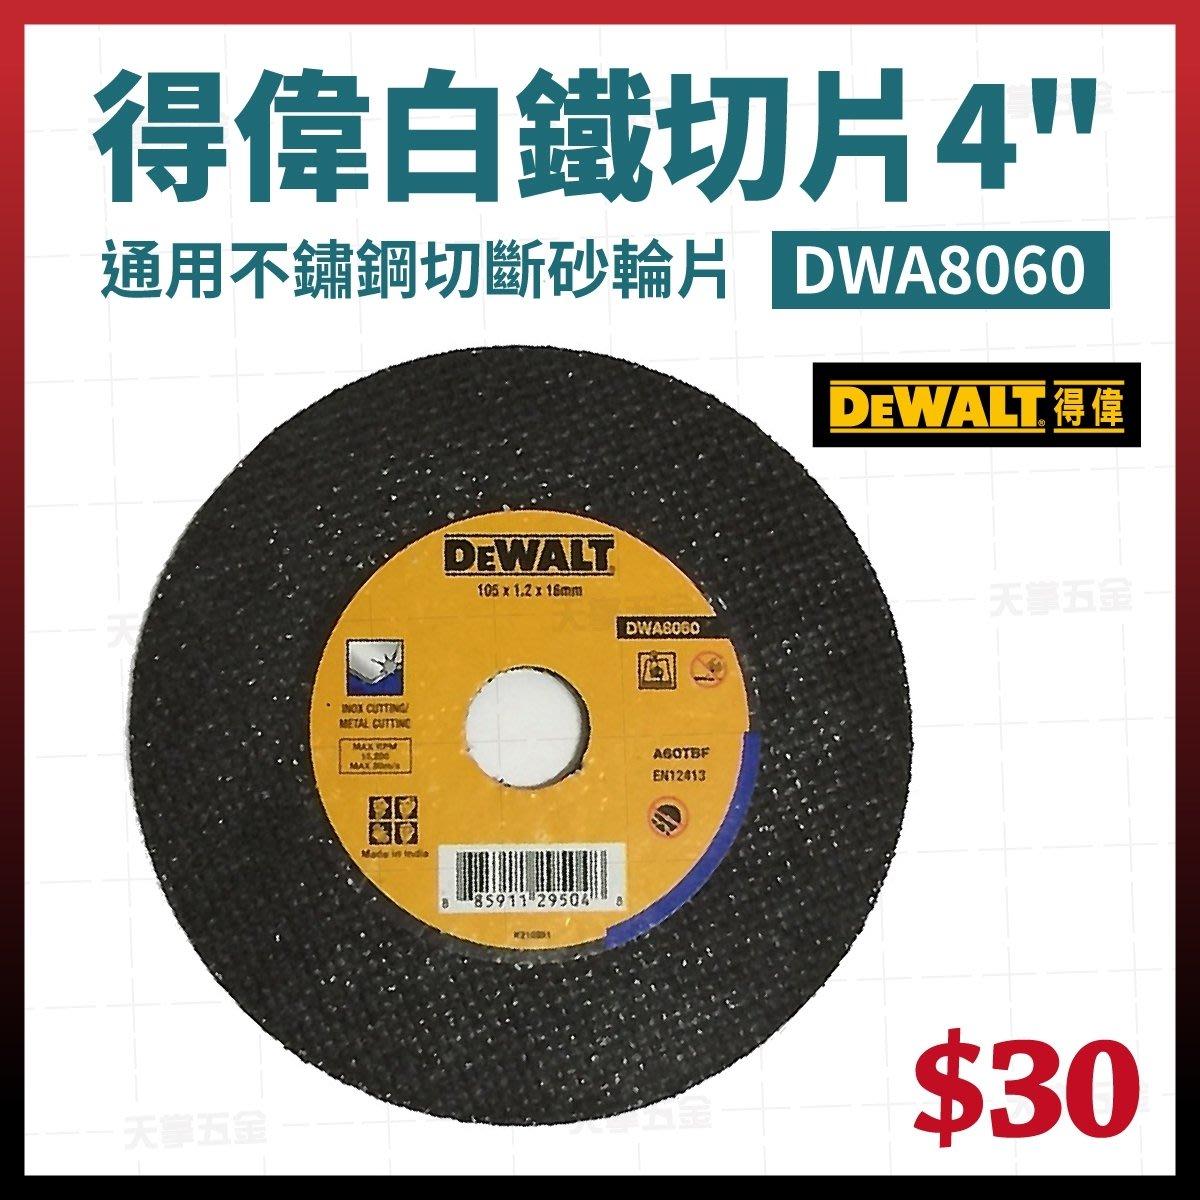 """得偉白鐵切片 4"""" DEWALT 白鐵切斷砂輪片 美國 105x1.2x16mm不鏽鋼切斷砂輪片 DWA8060 [天掌"""